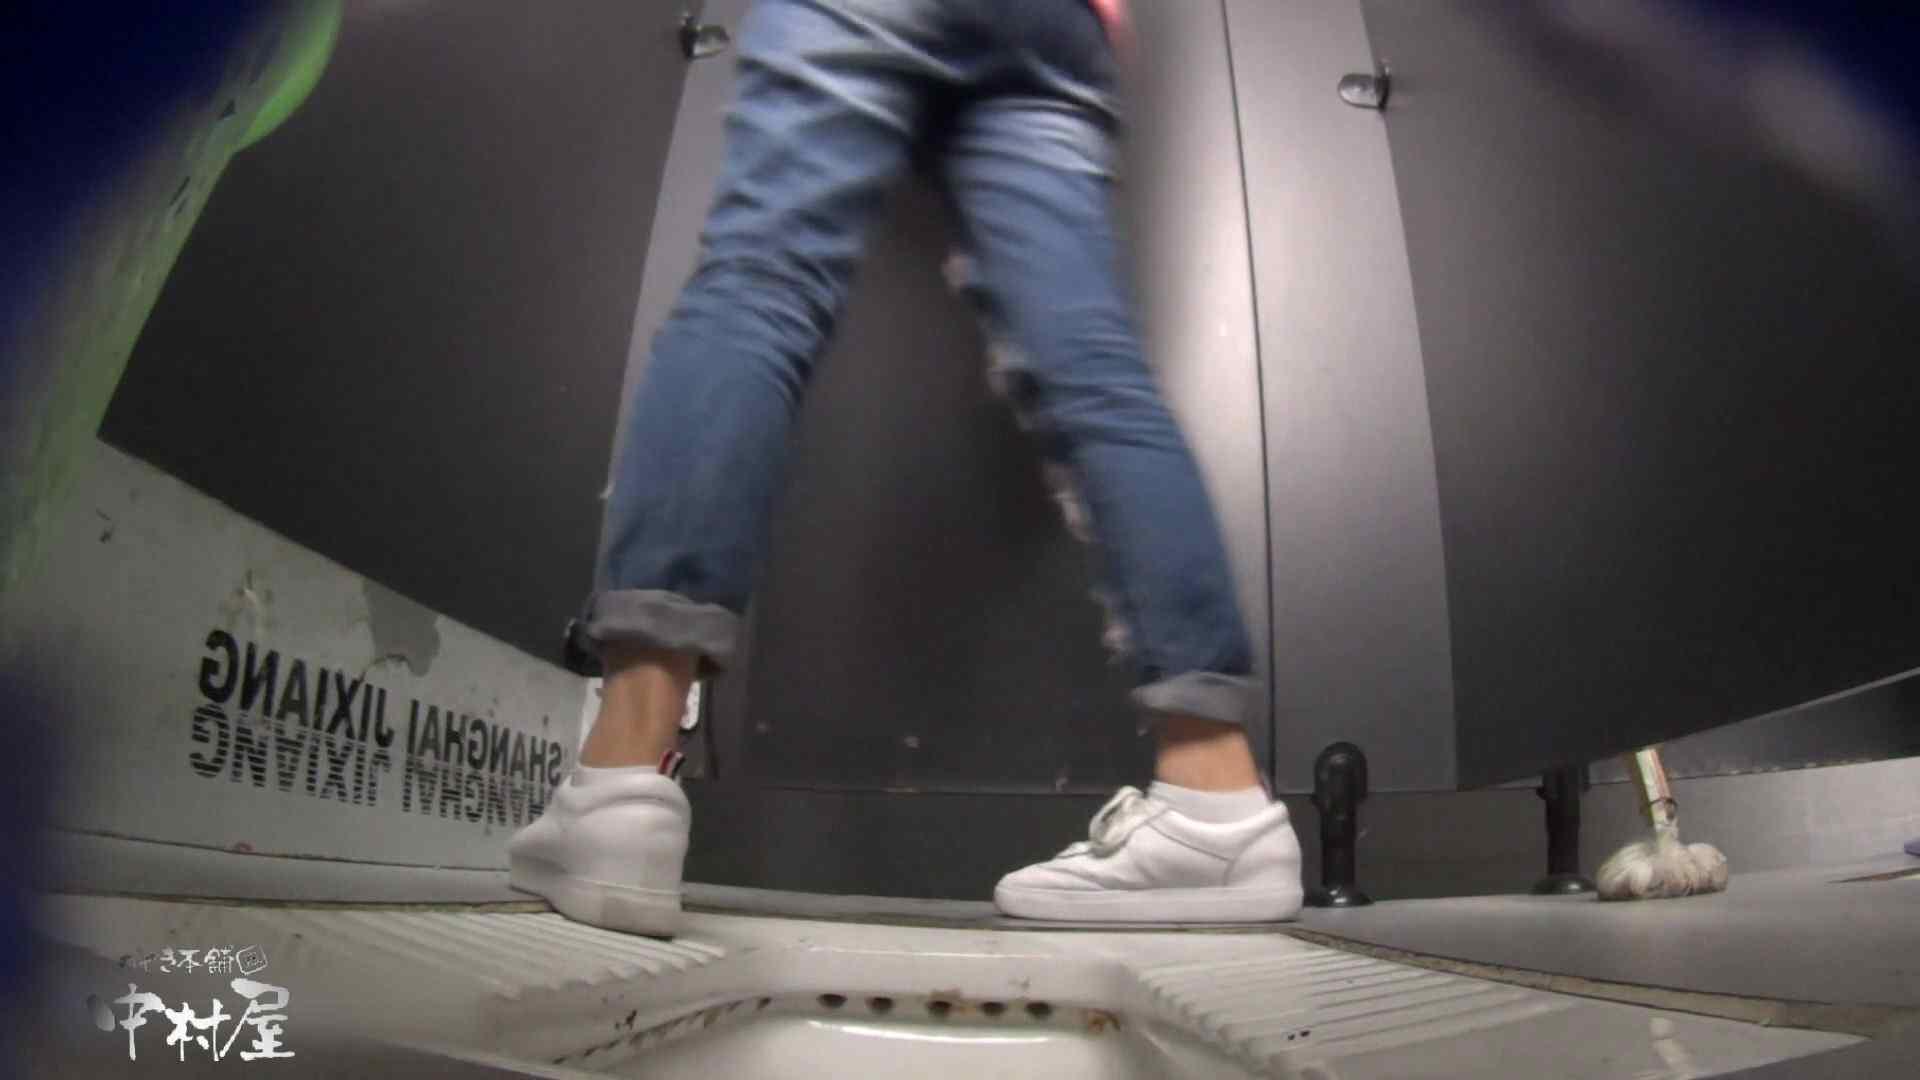 グレースパッツお女市さん 大学休憩時間の洗面所事情31 お姉さんのエロ動画  96PIX 80